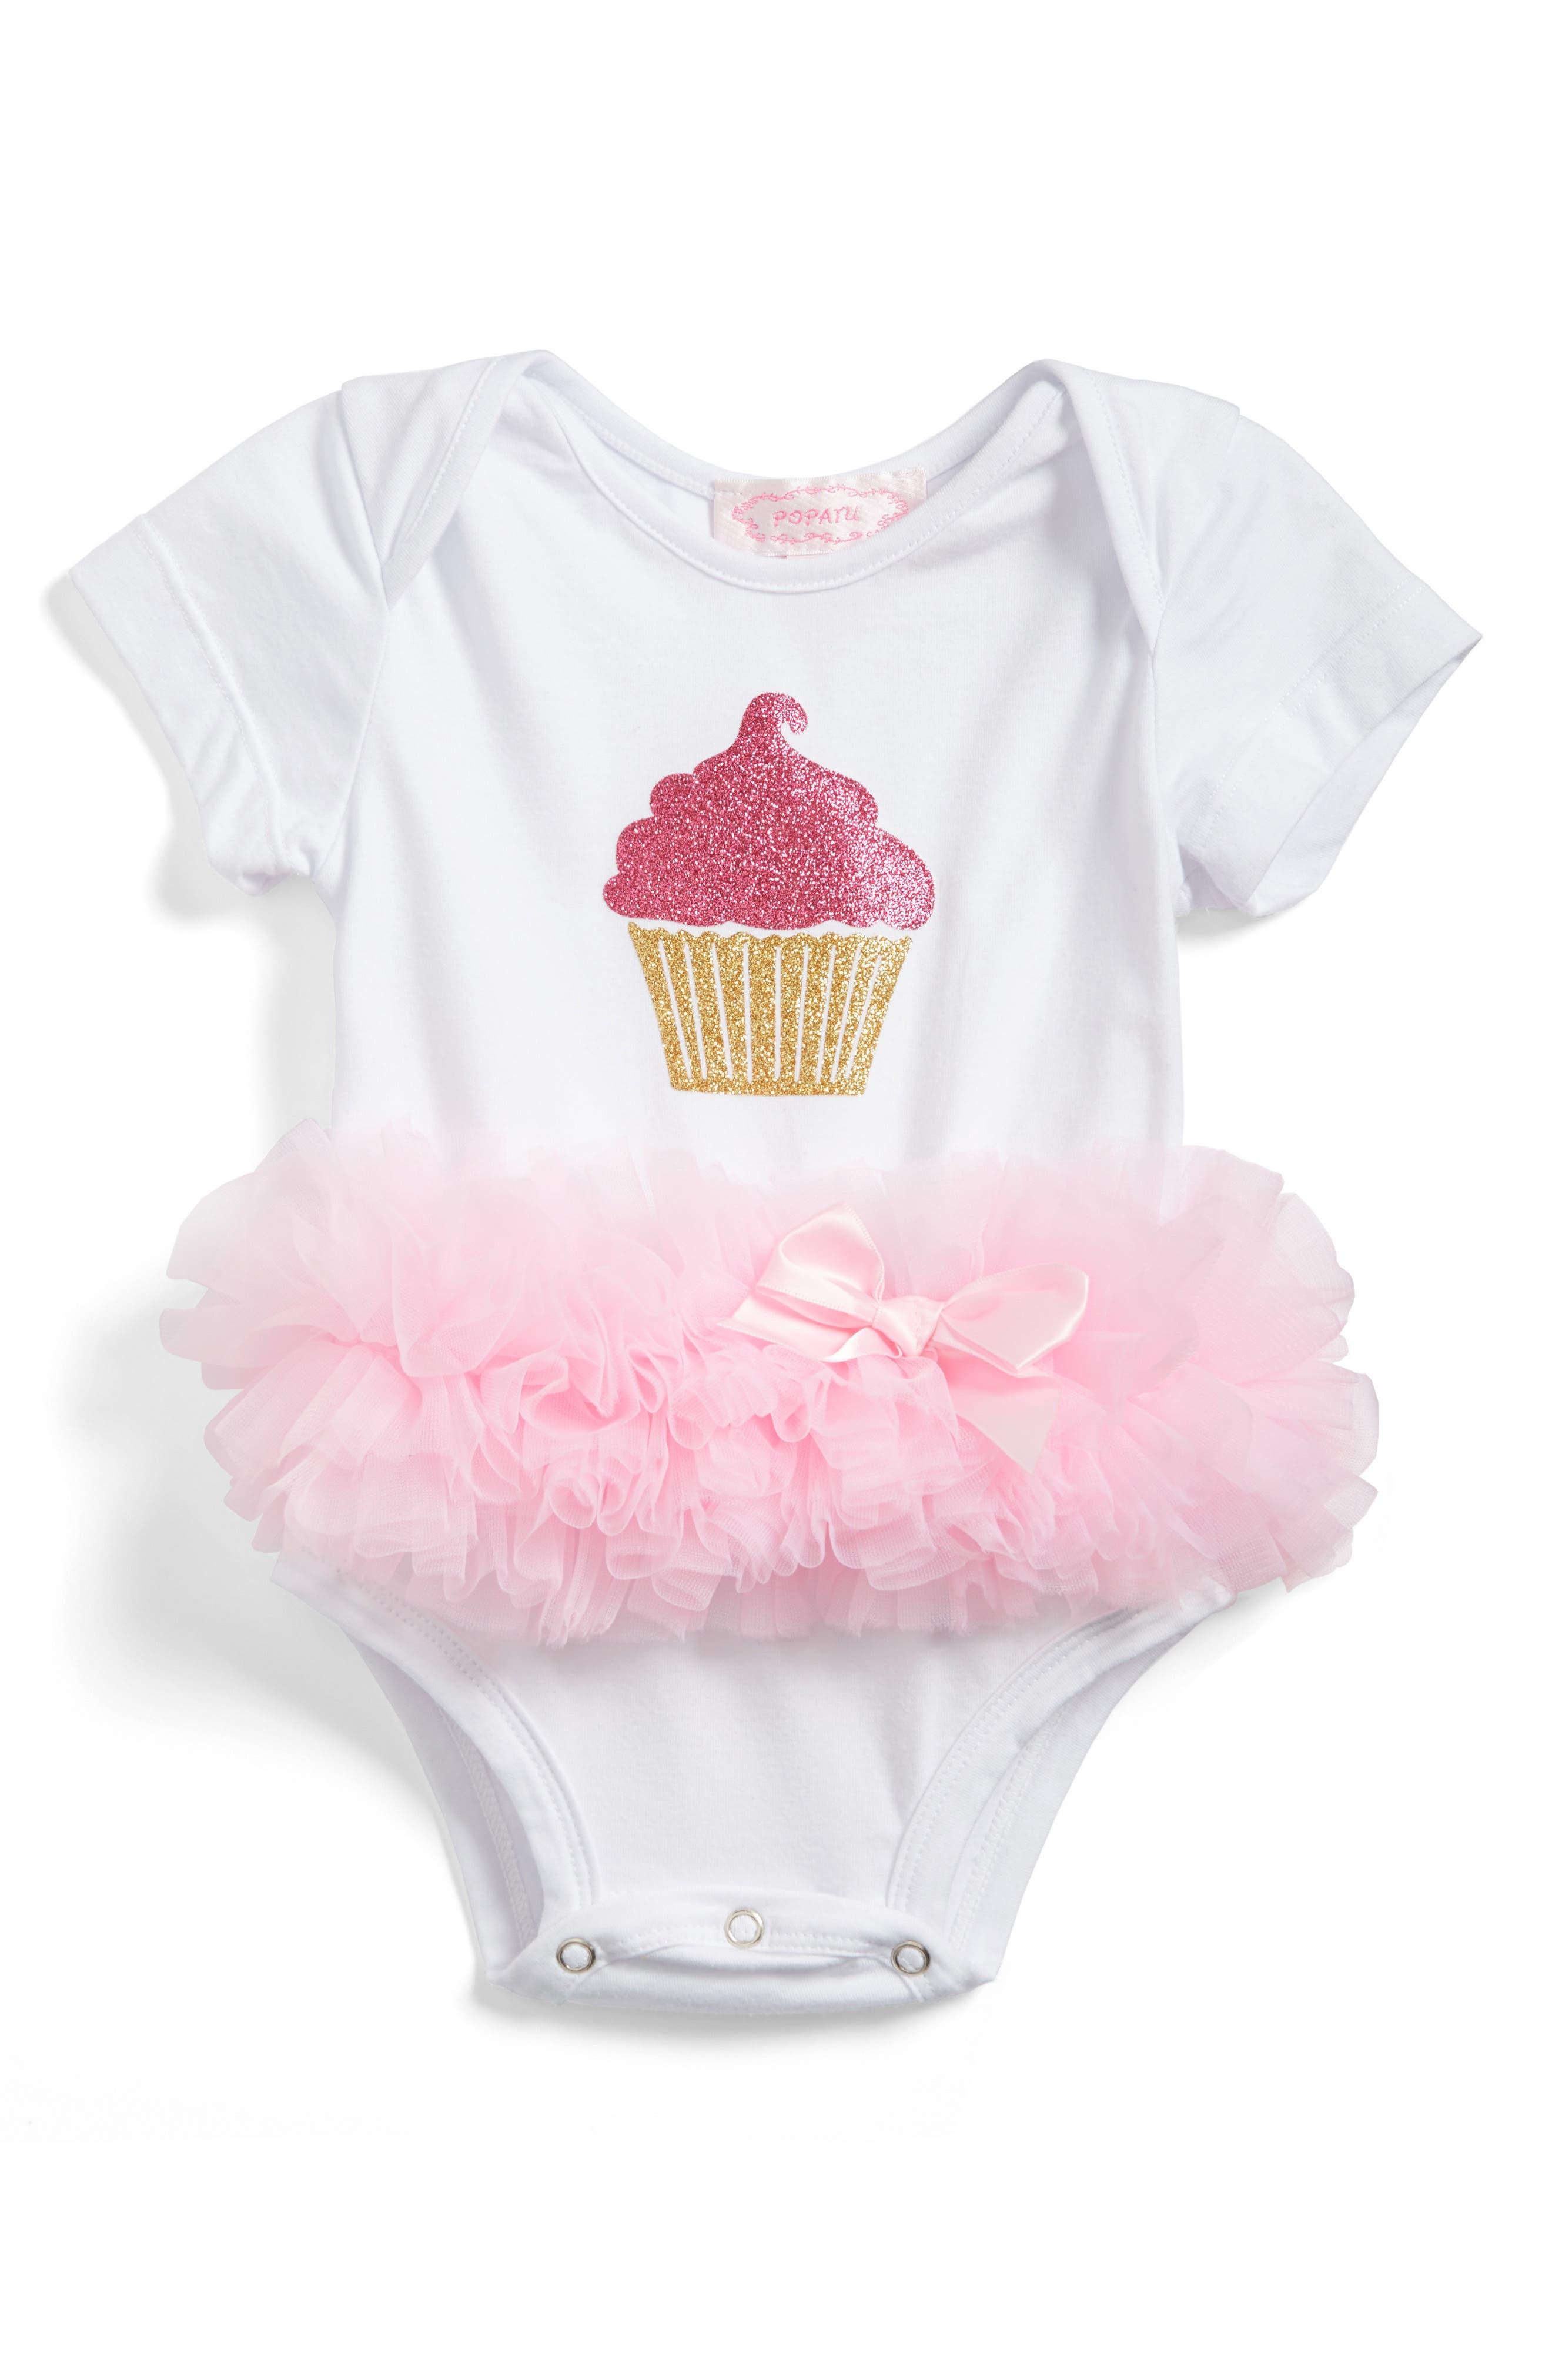 Main Image - Popatu Cupcake Tutu Skirted Bodysuit (Baby Girls)